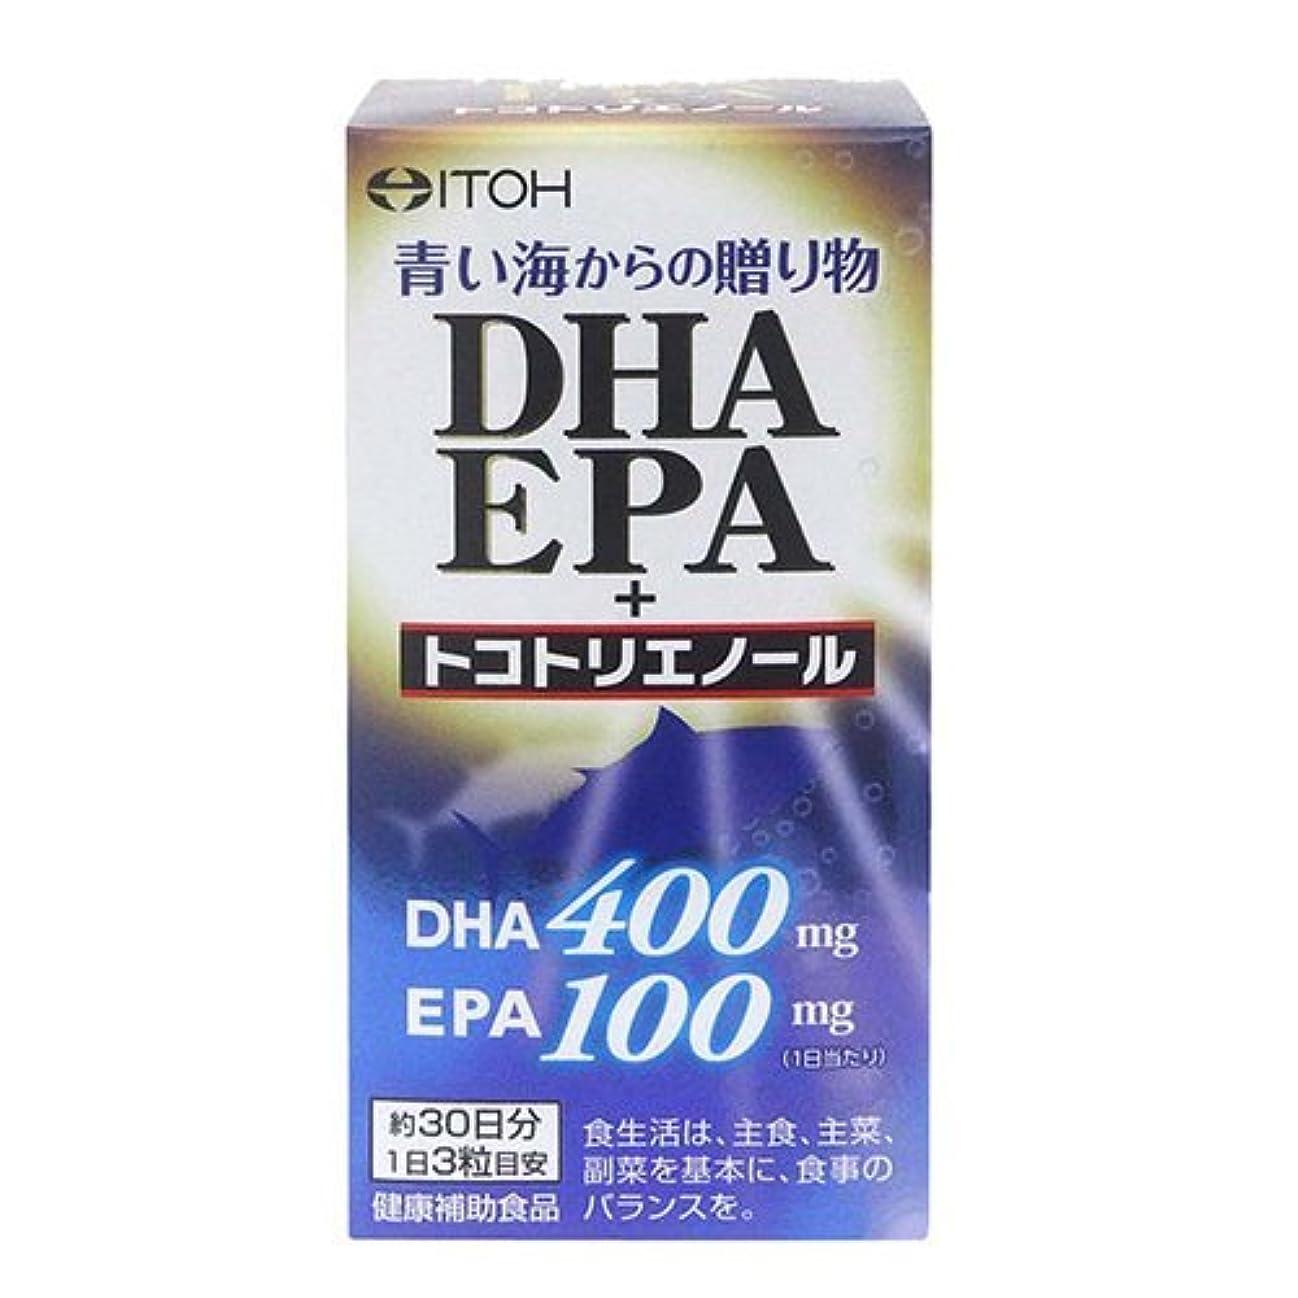 確保する予算スカイ井藤漢方製薬 DHA EPA+トコトリエノール 約30日分 90粒 Japan